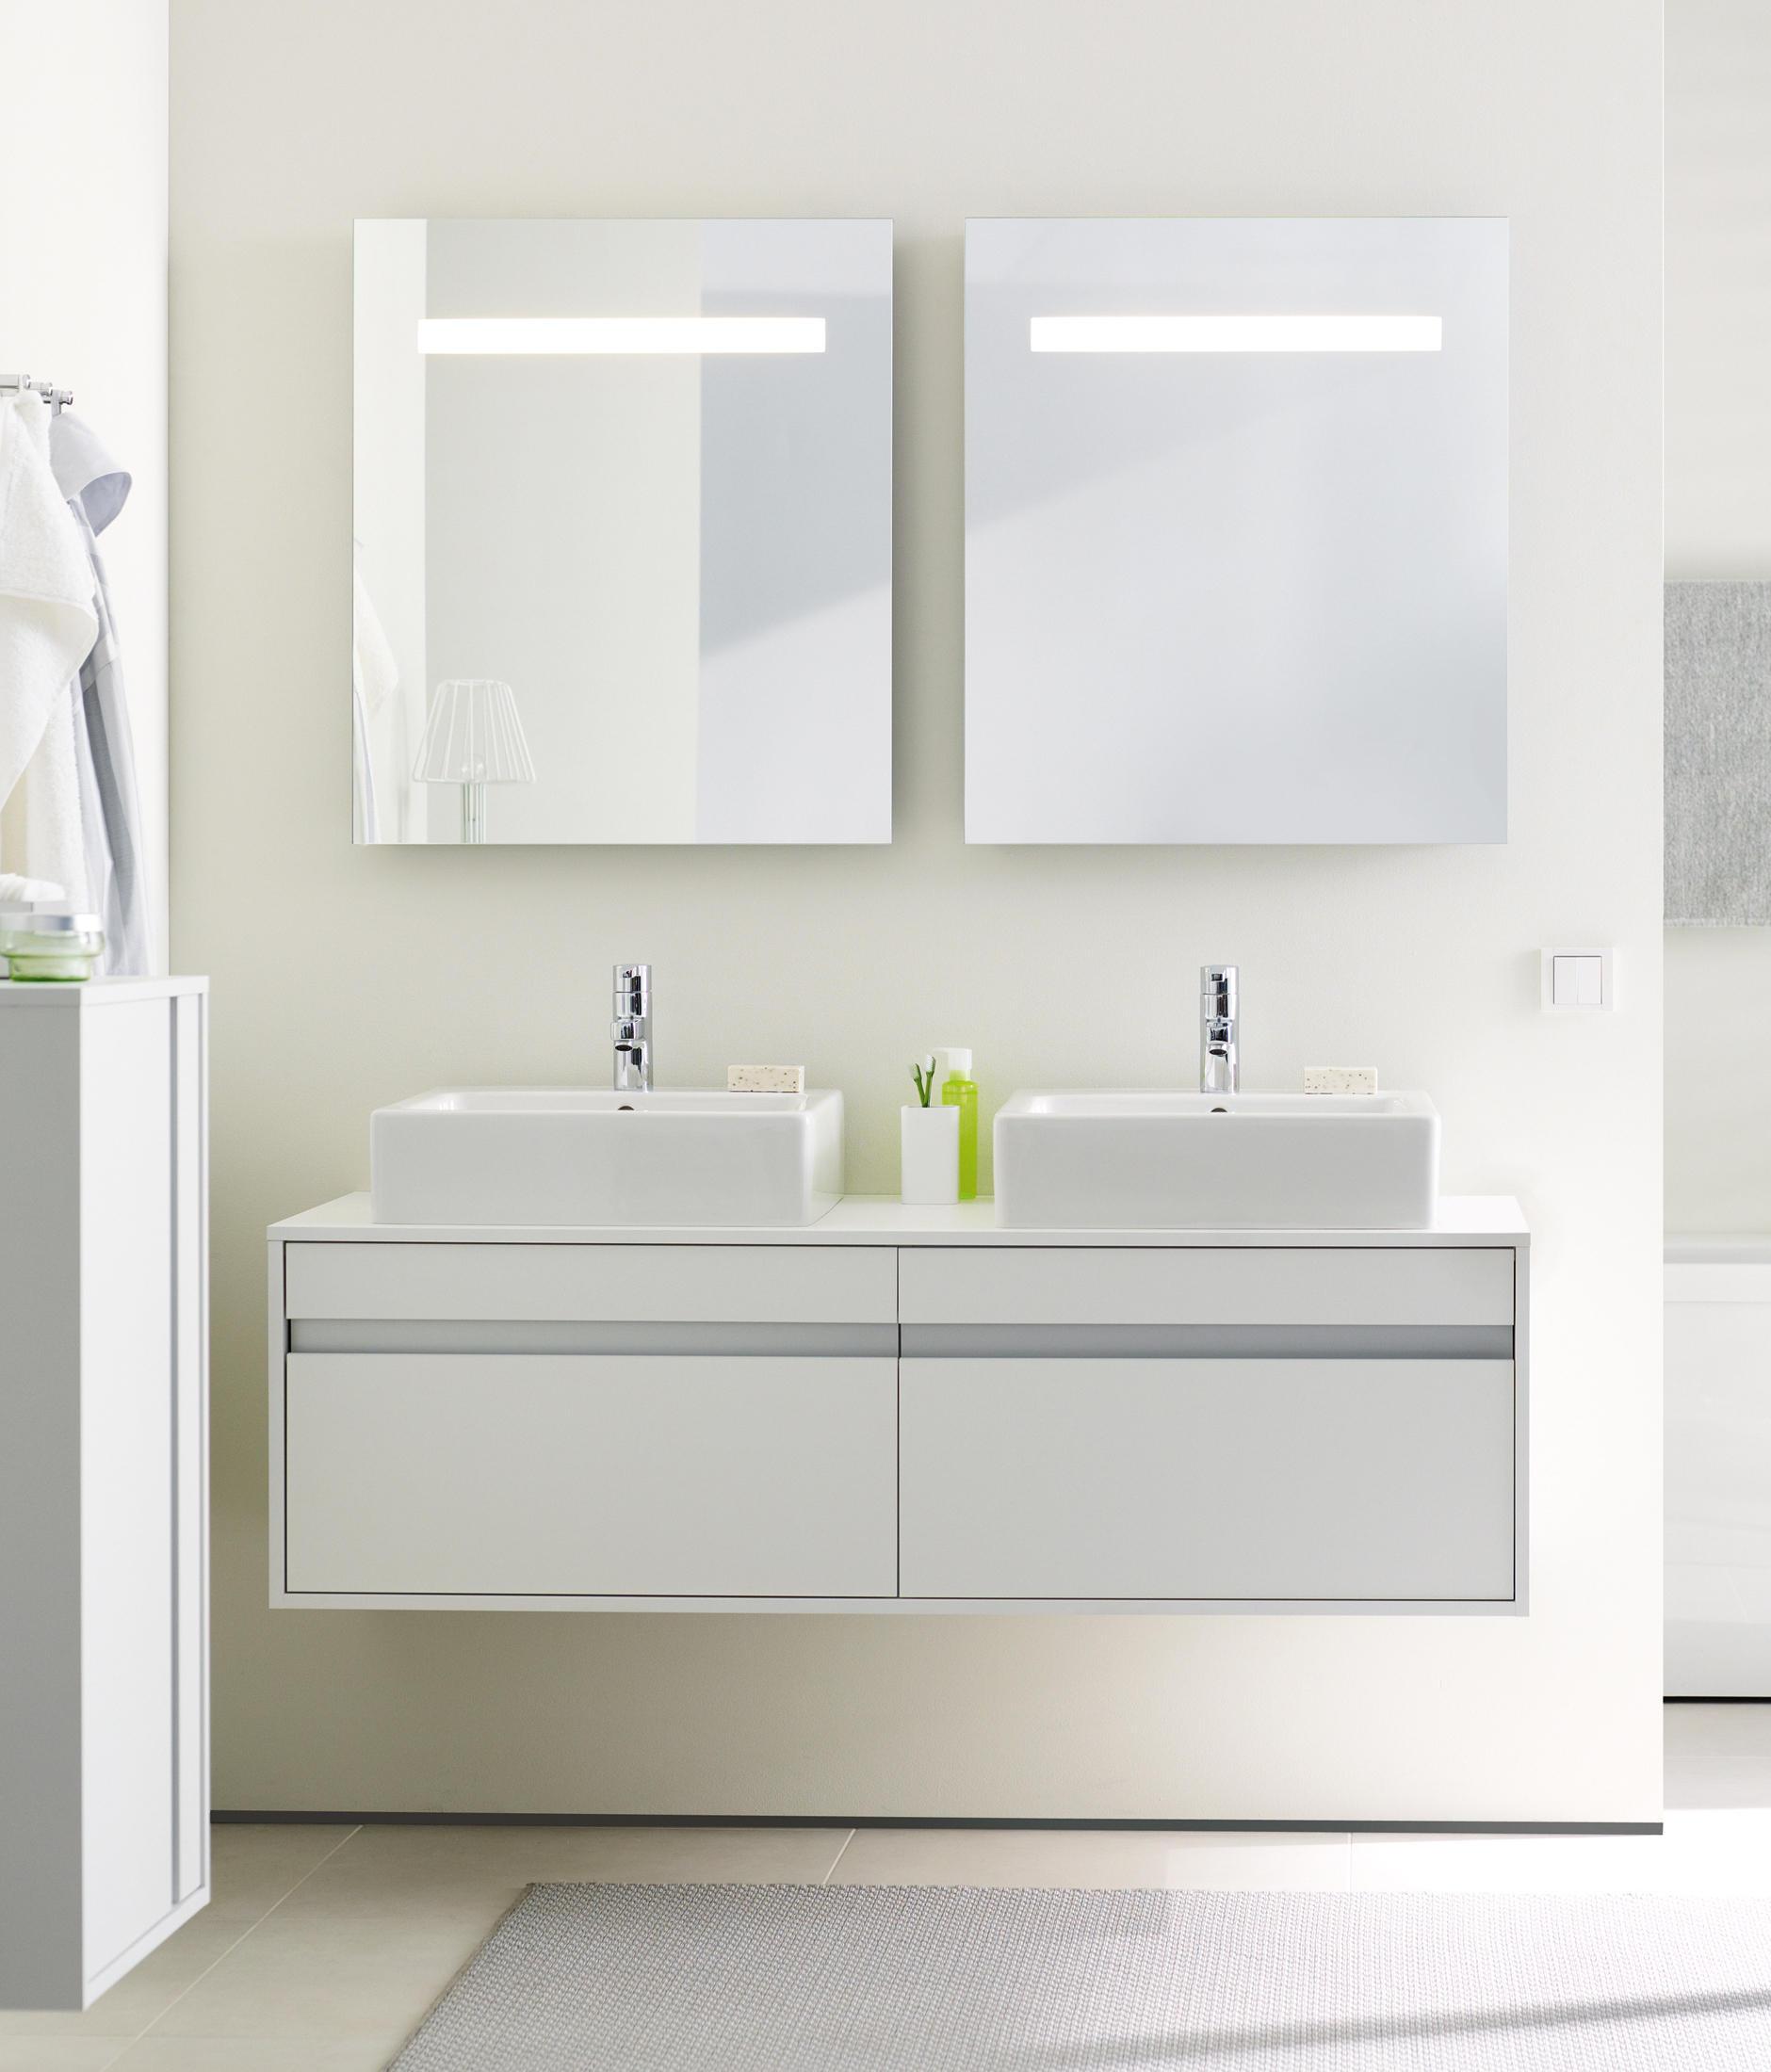 ketho spiegelschrank spiegelschr nke von duravit. Black Bedroom Furniture Sets. Home Design Ideas